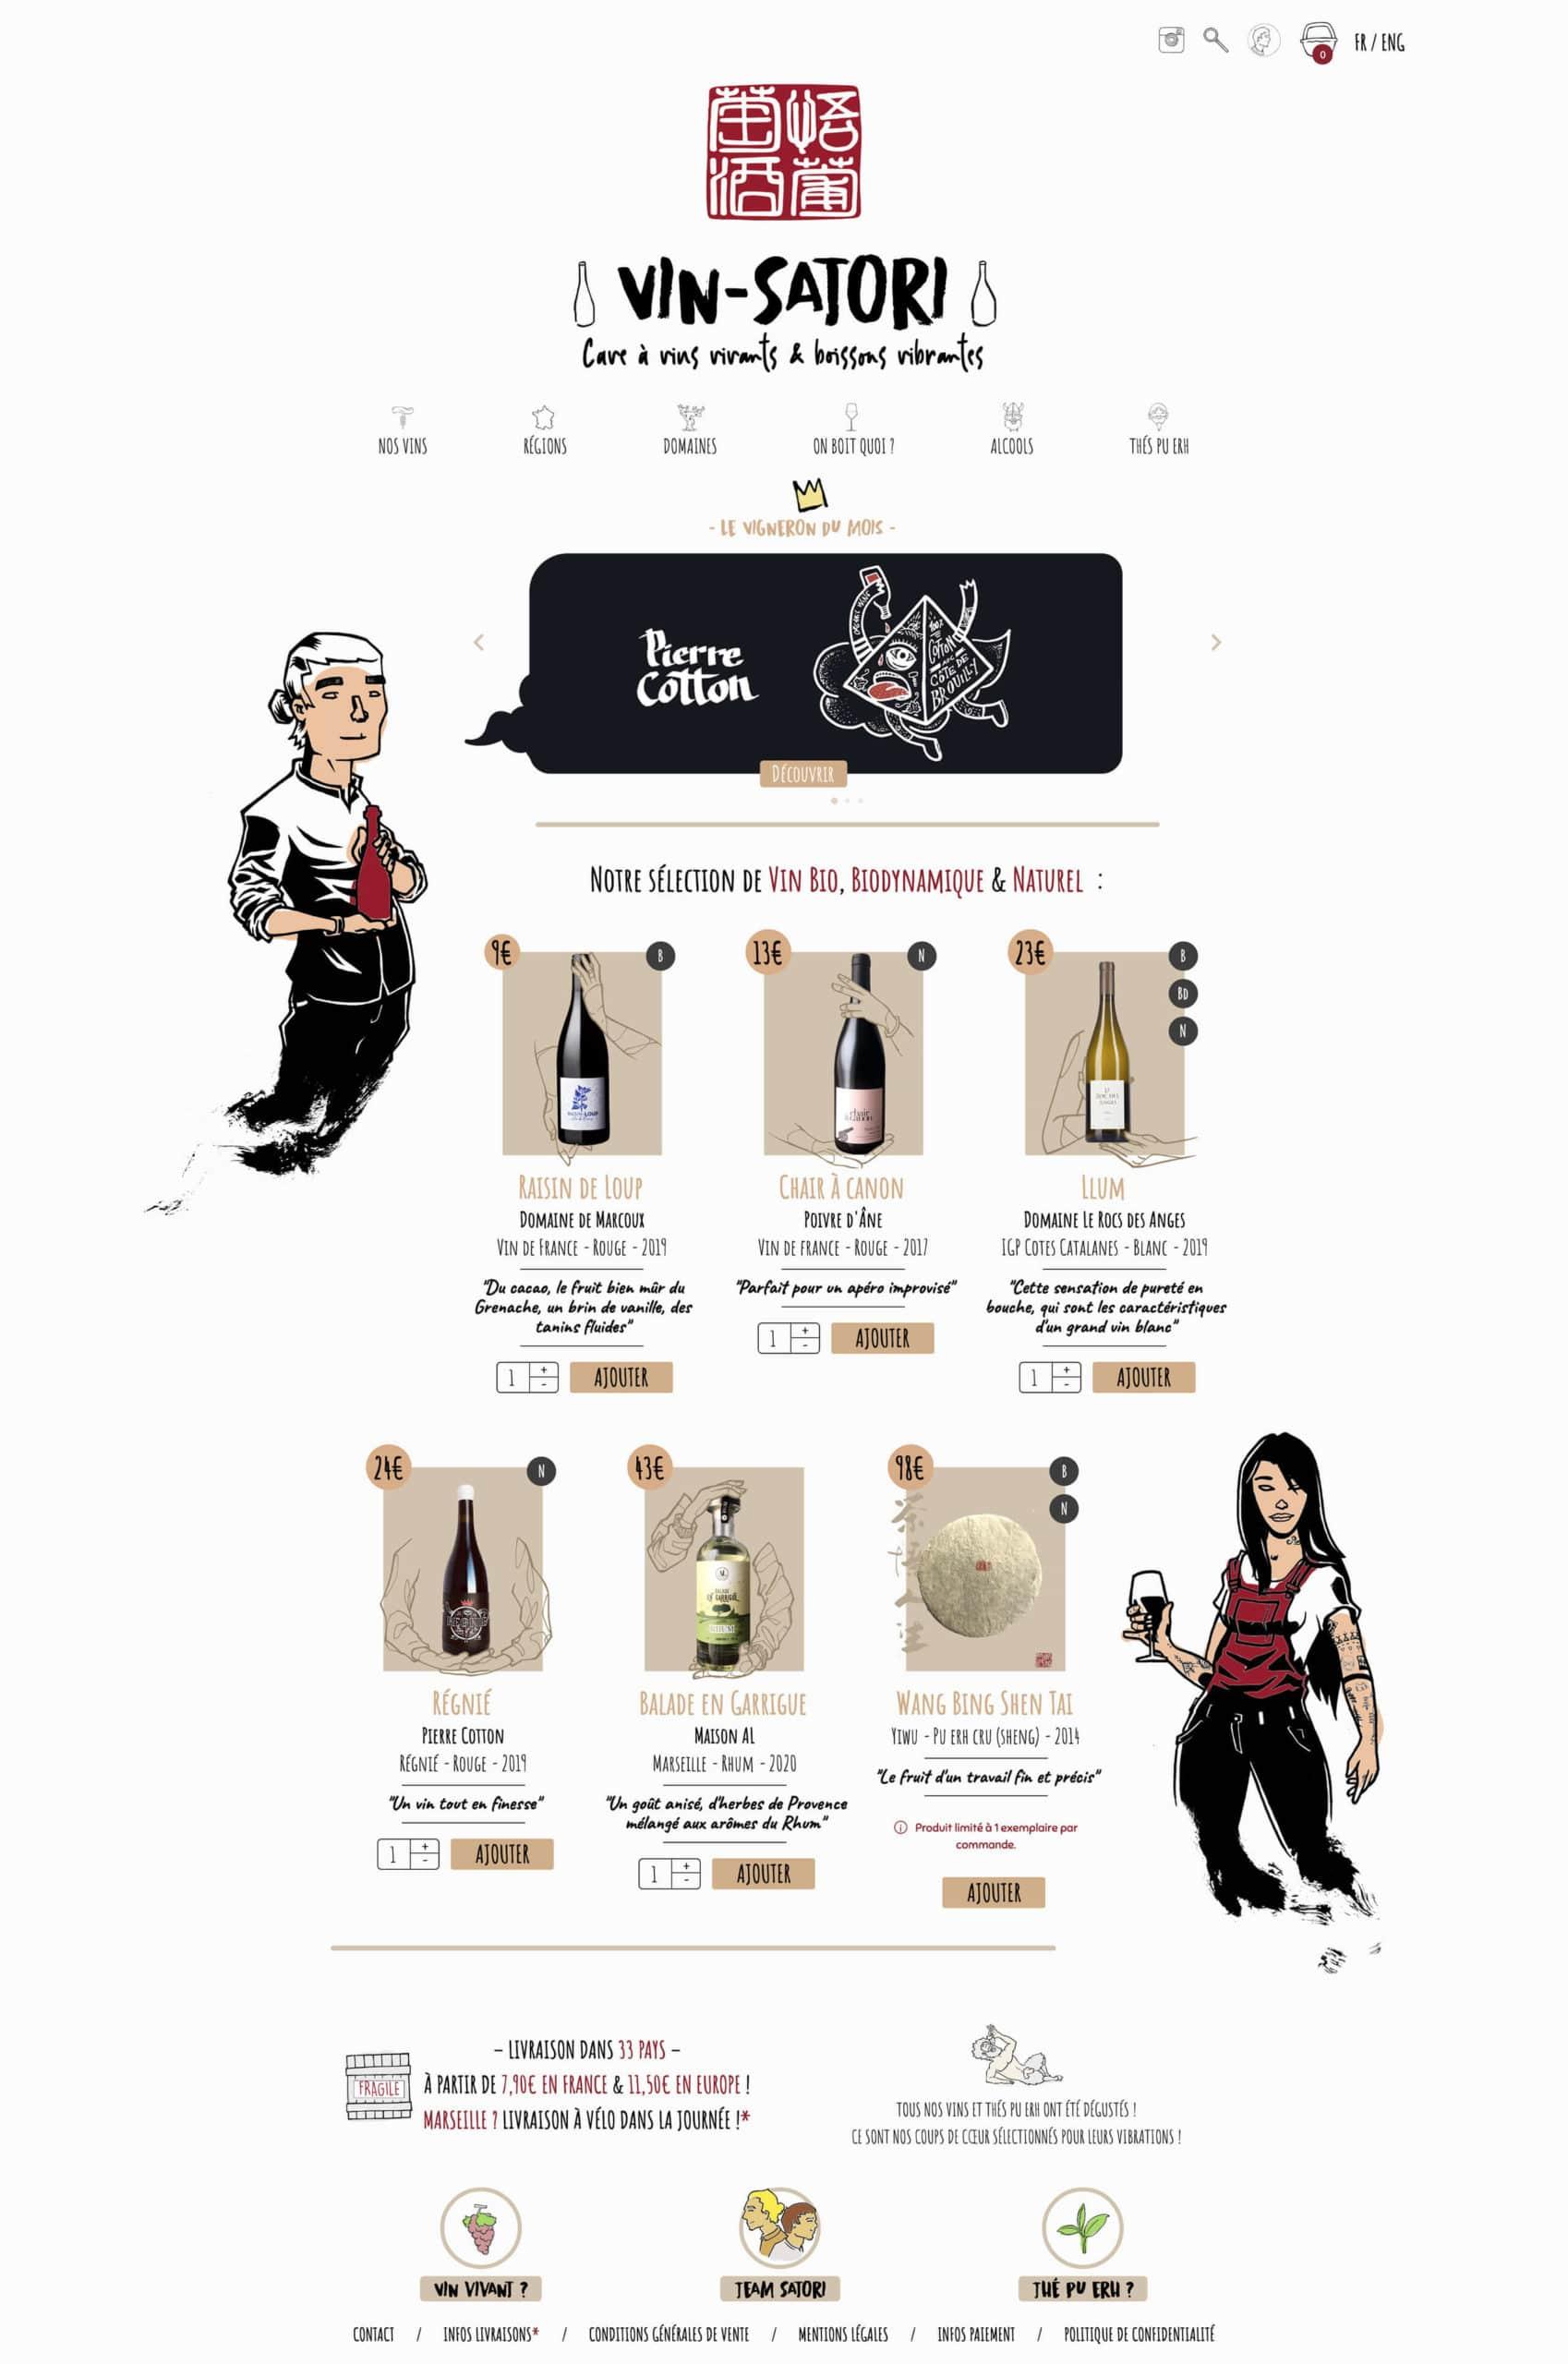 Page d'accueil de la cave en ligne Vin-Satori.